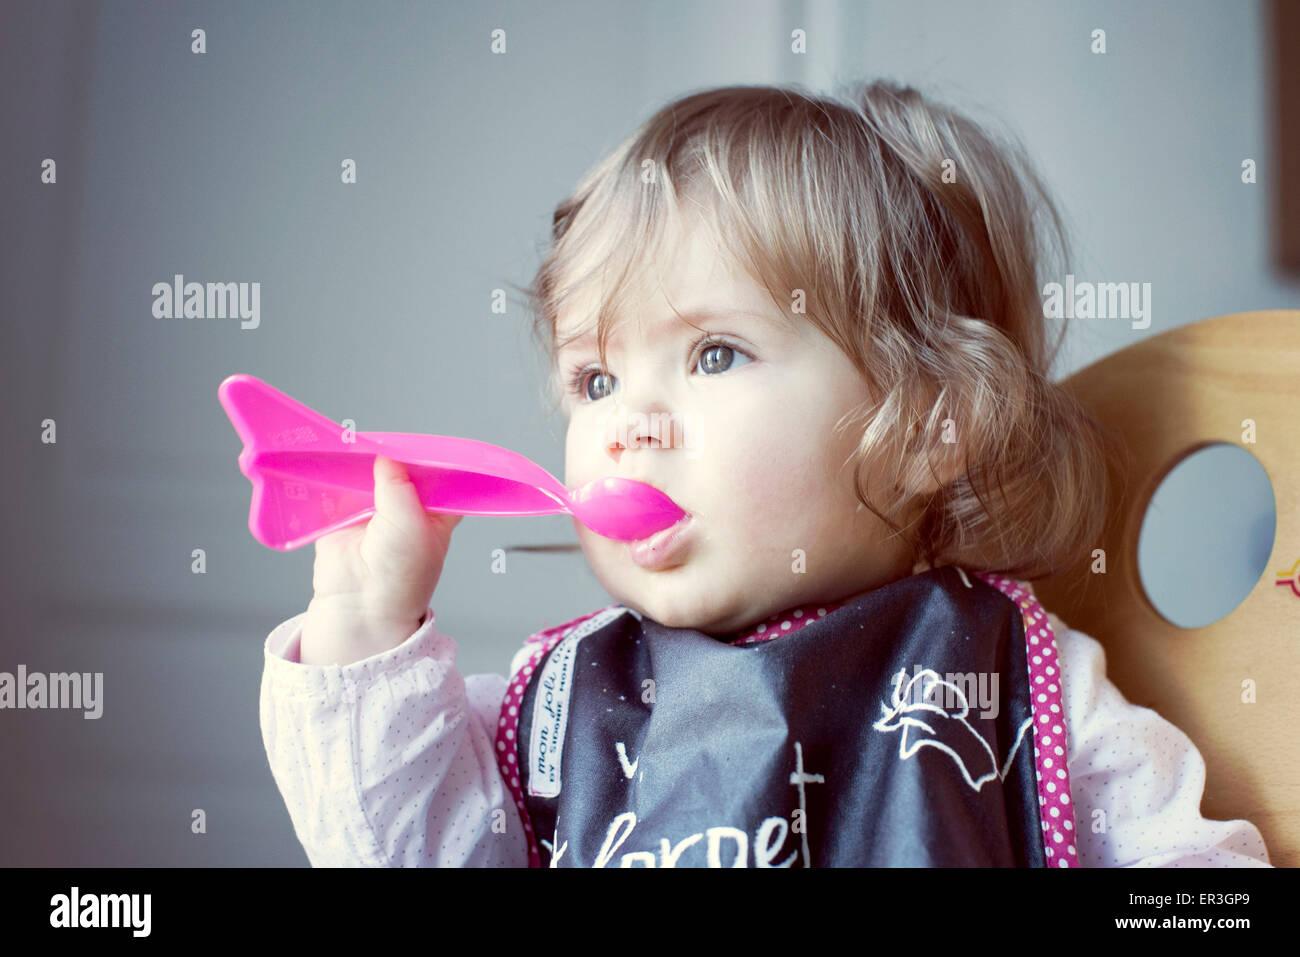 Baby Girl alimentar a sí misma Foto de stock